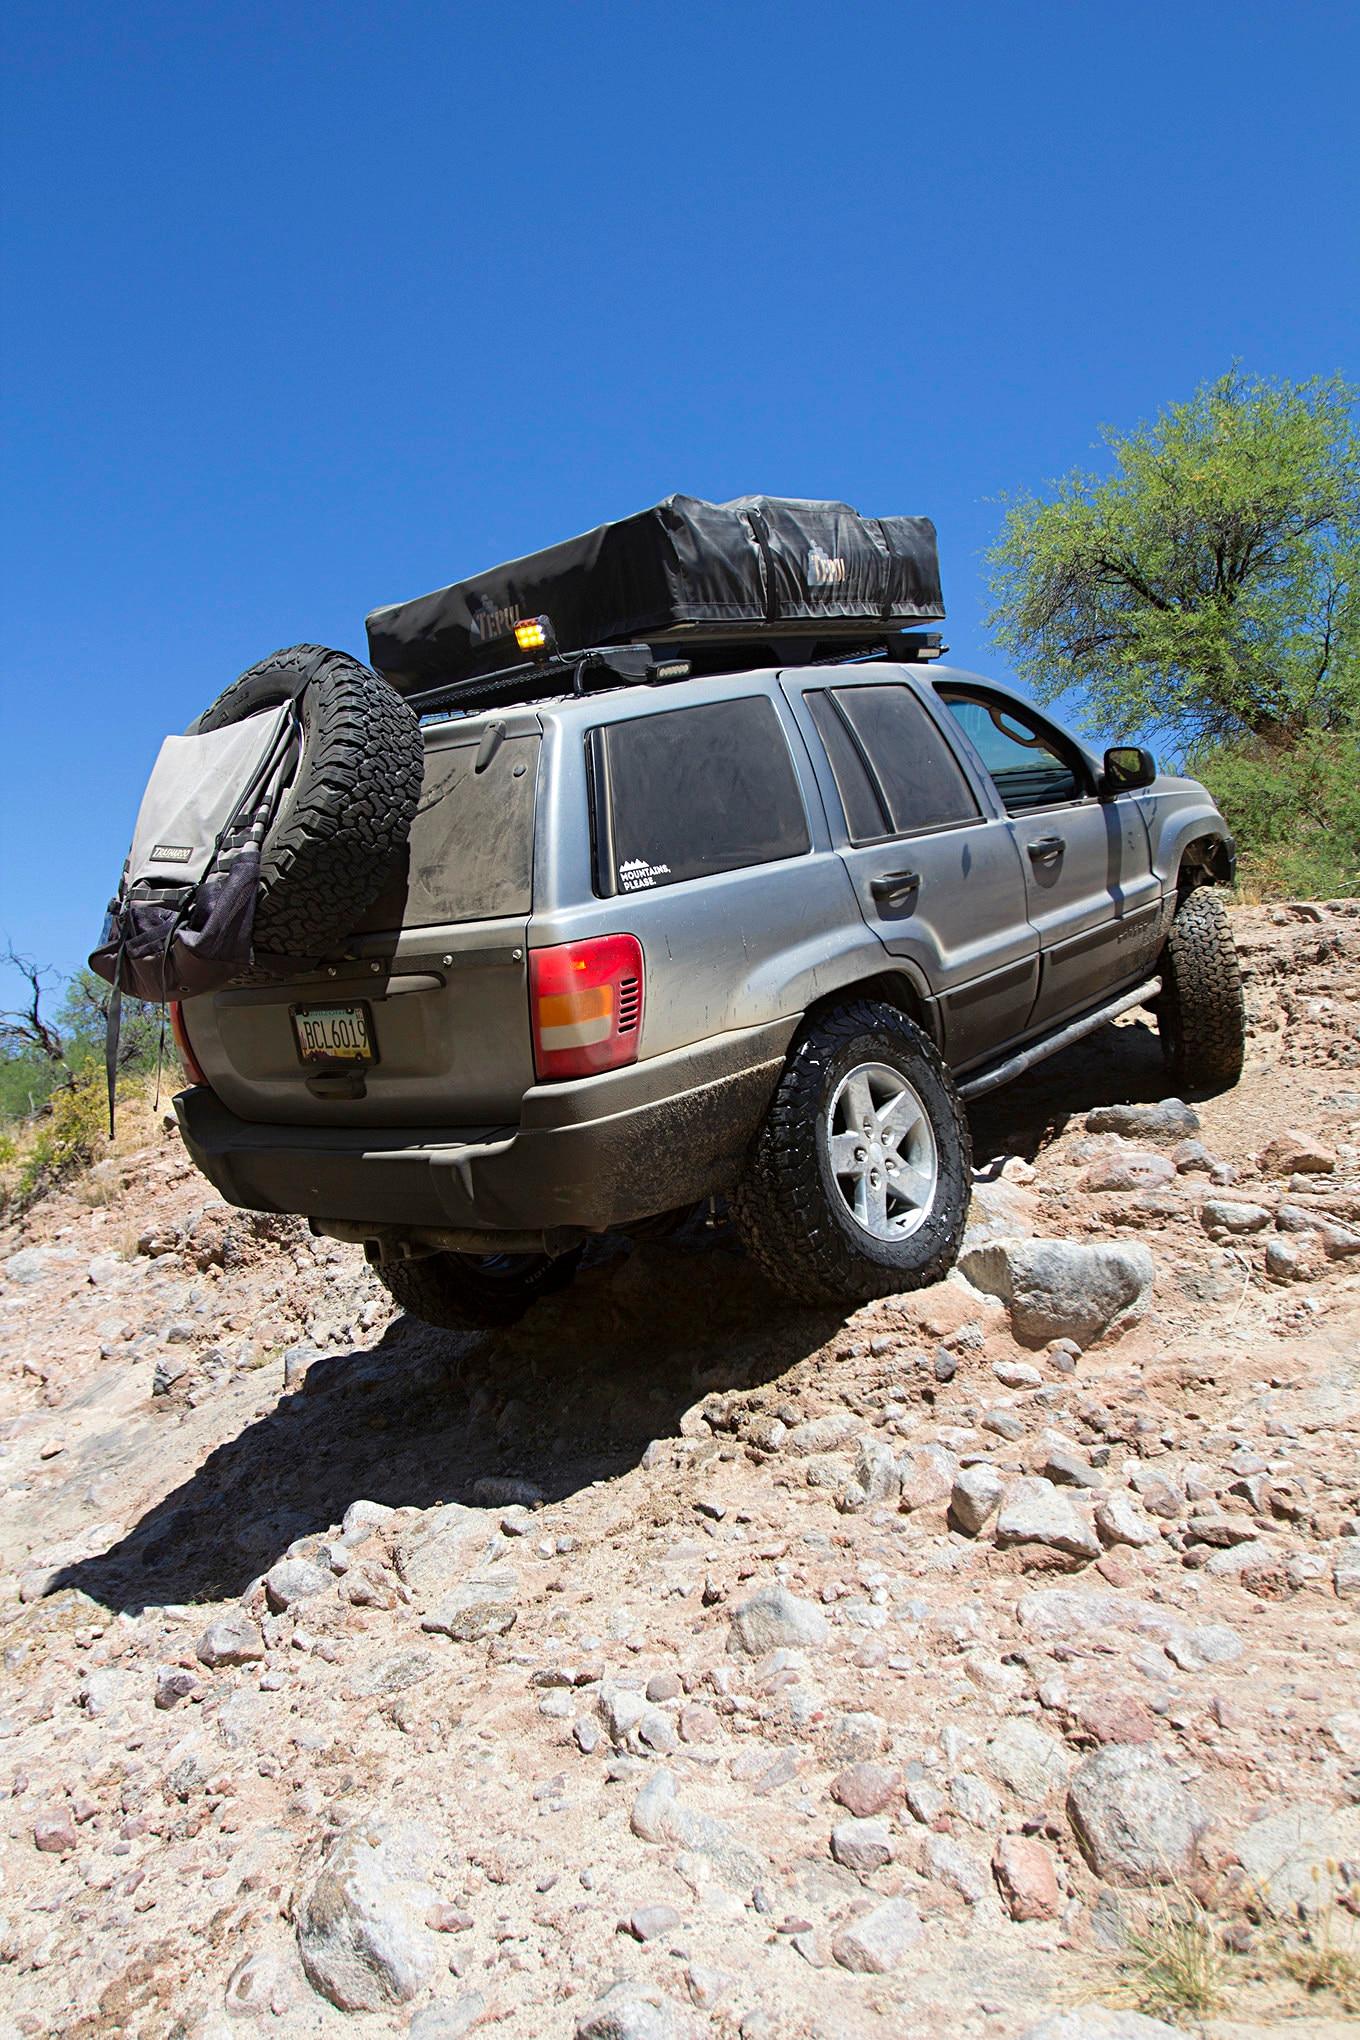 080 web gallery overland adventure